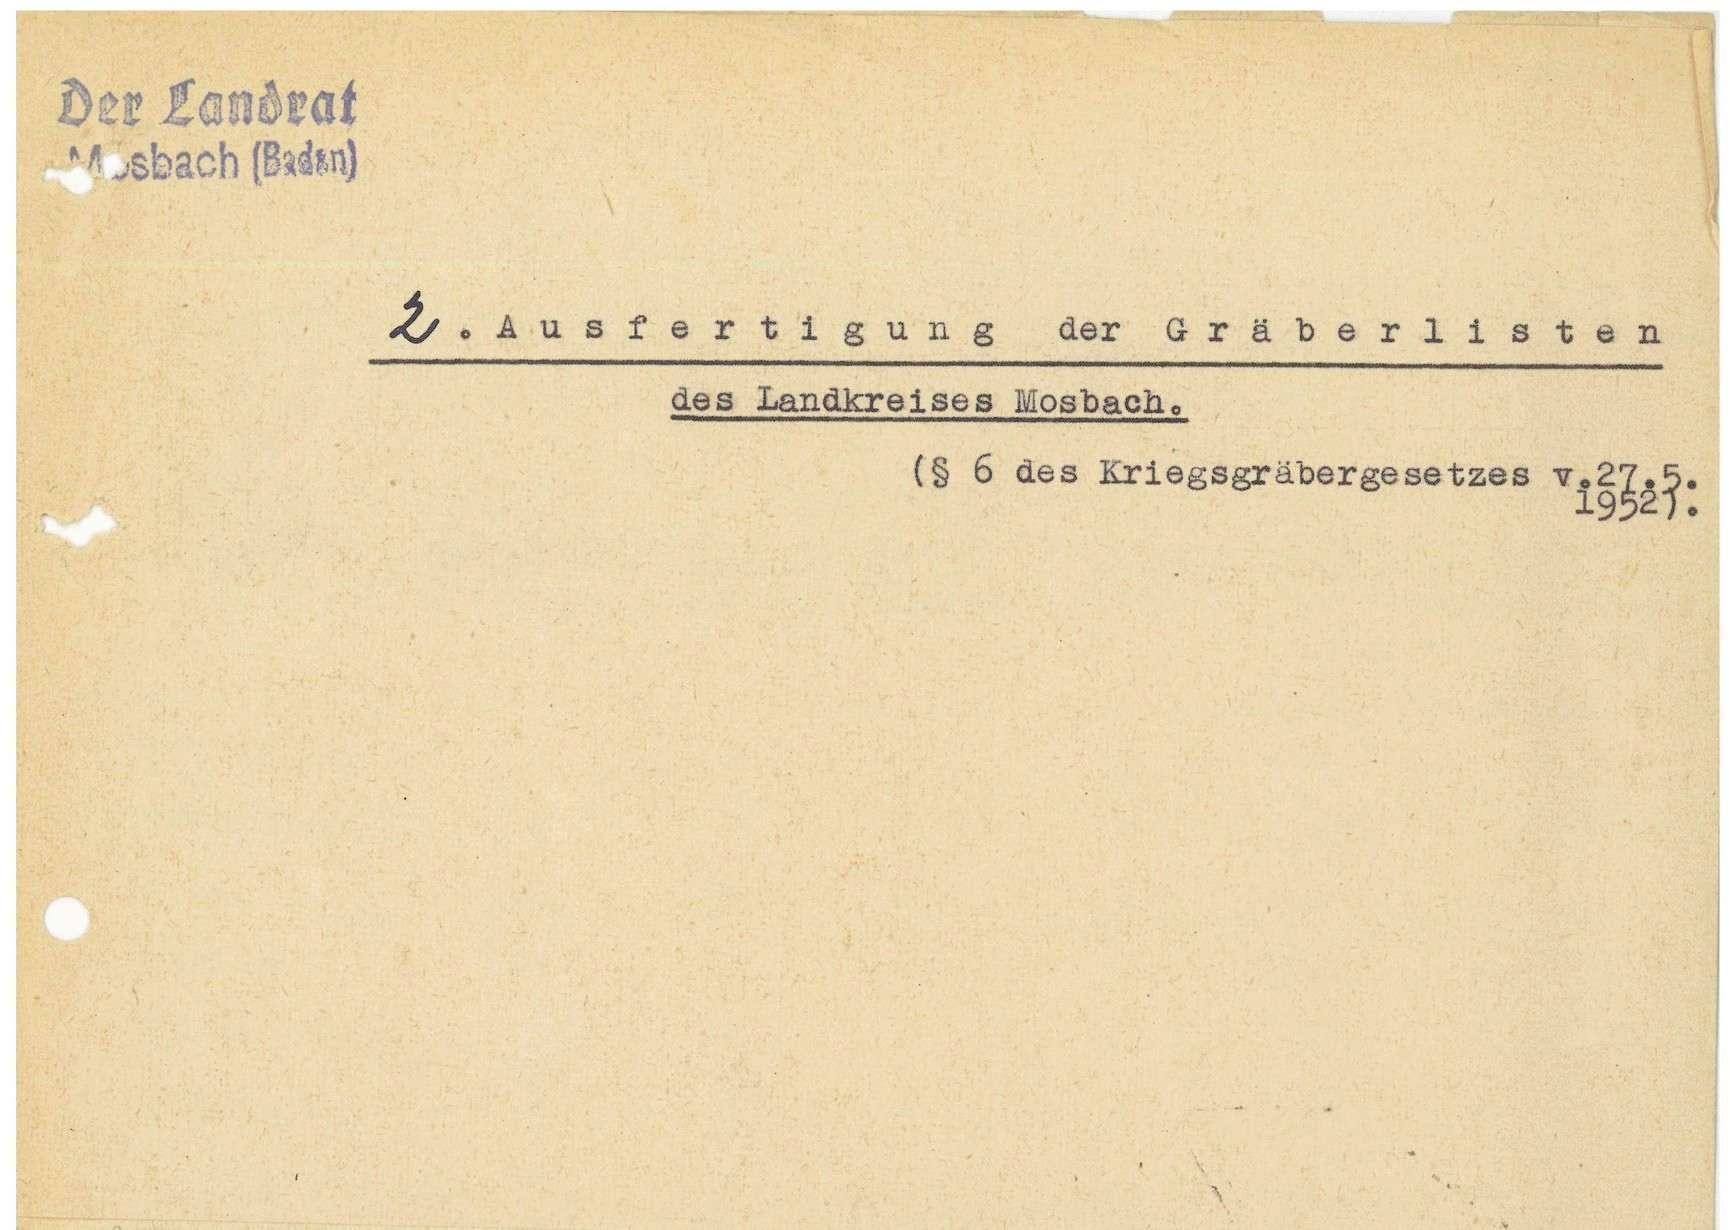 Landkreis Mosbach, Bild 1